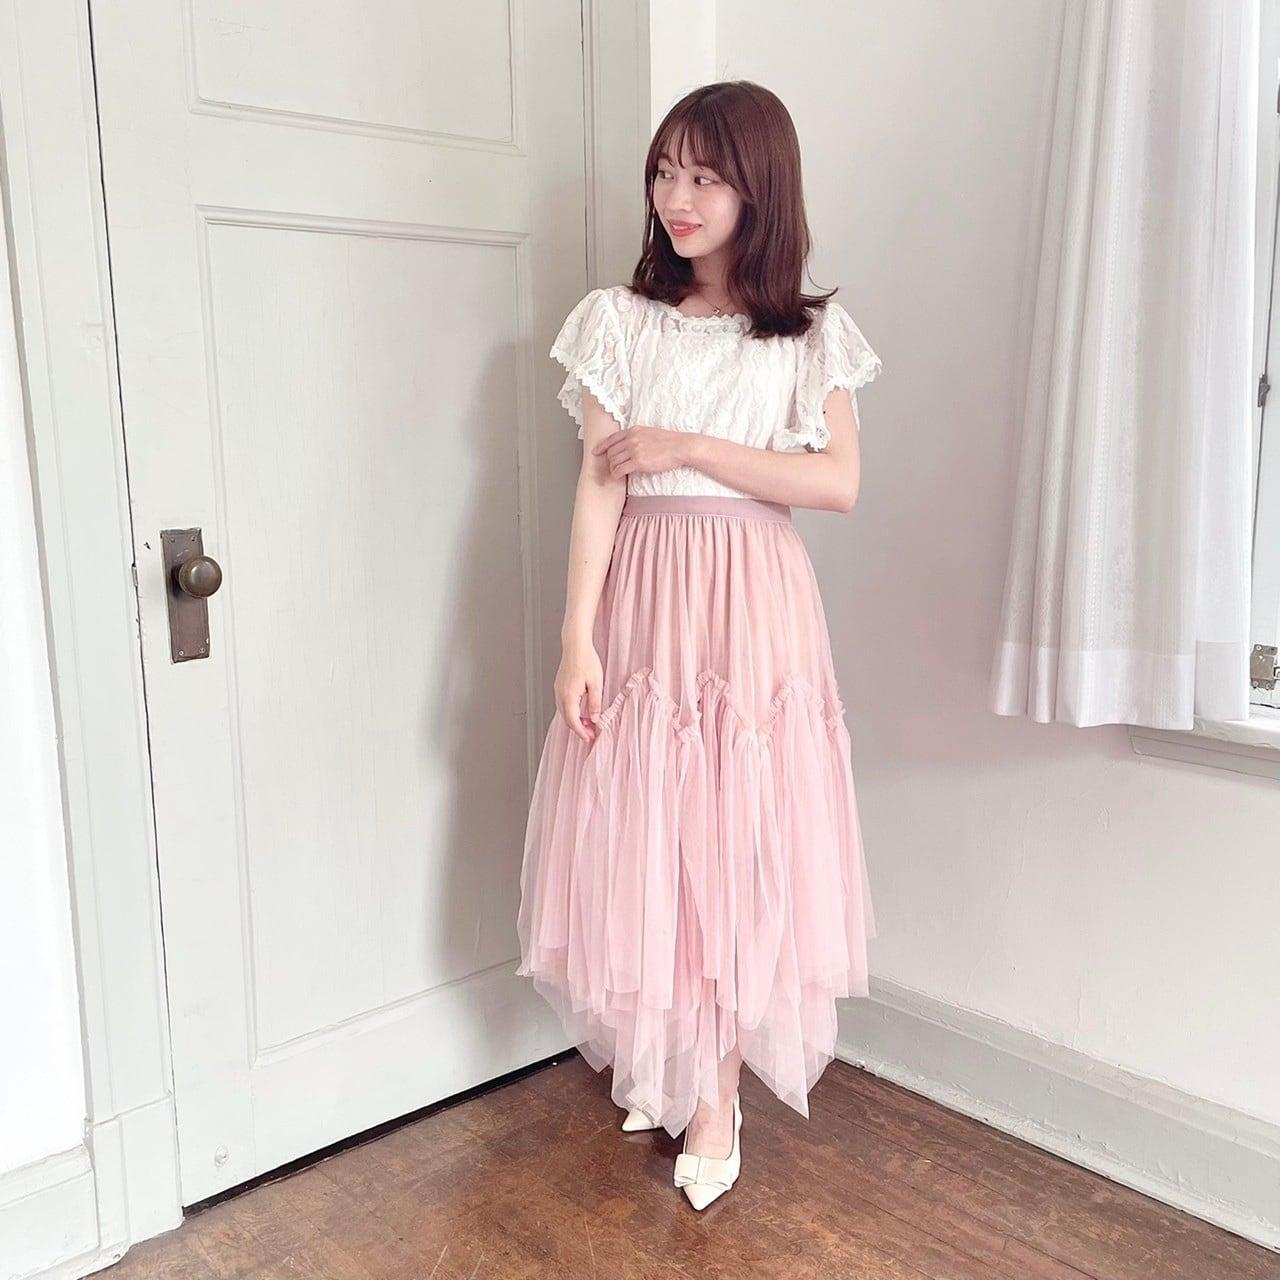 【Fluffy】イレヘムチュールスカート